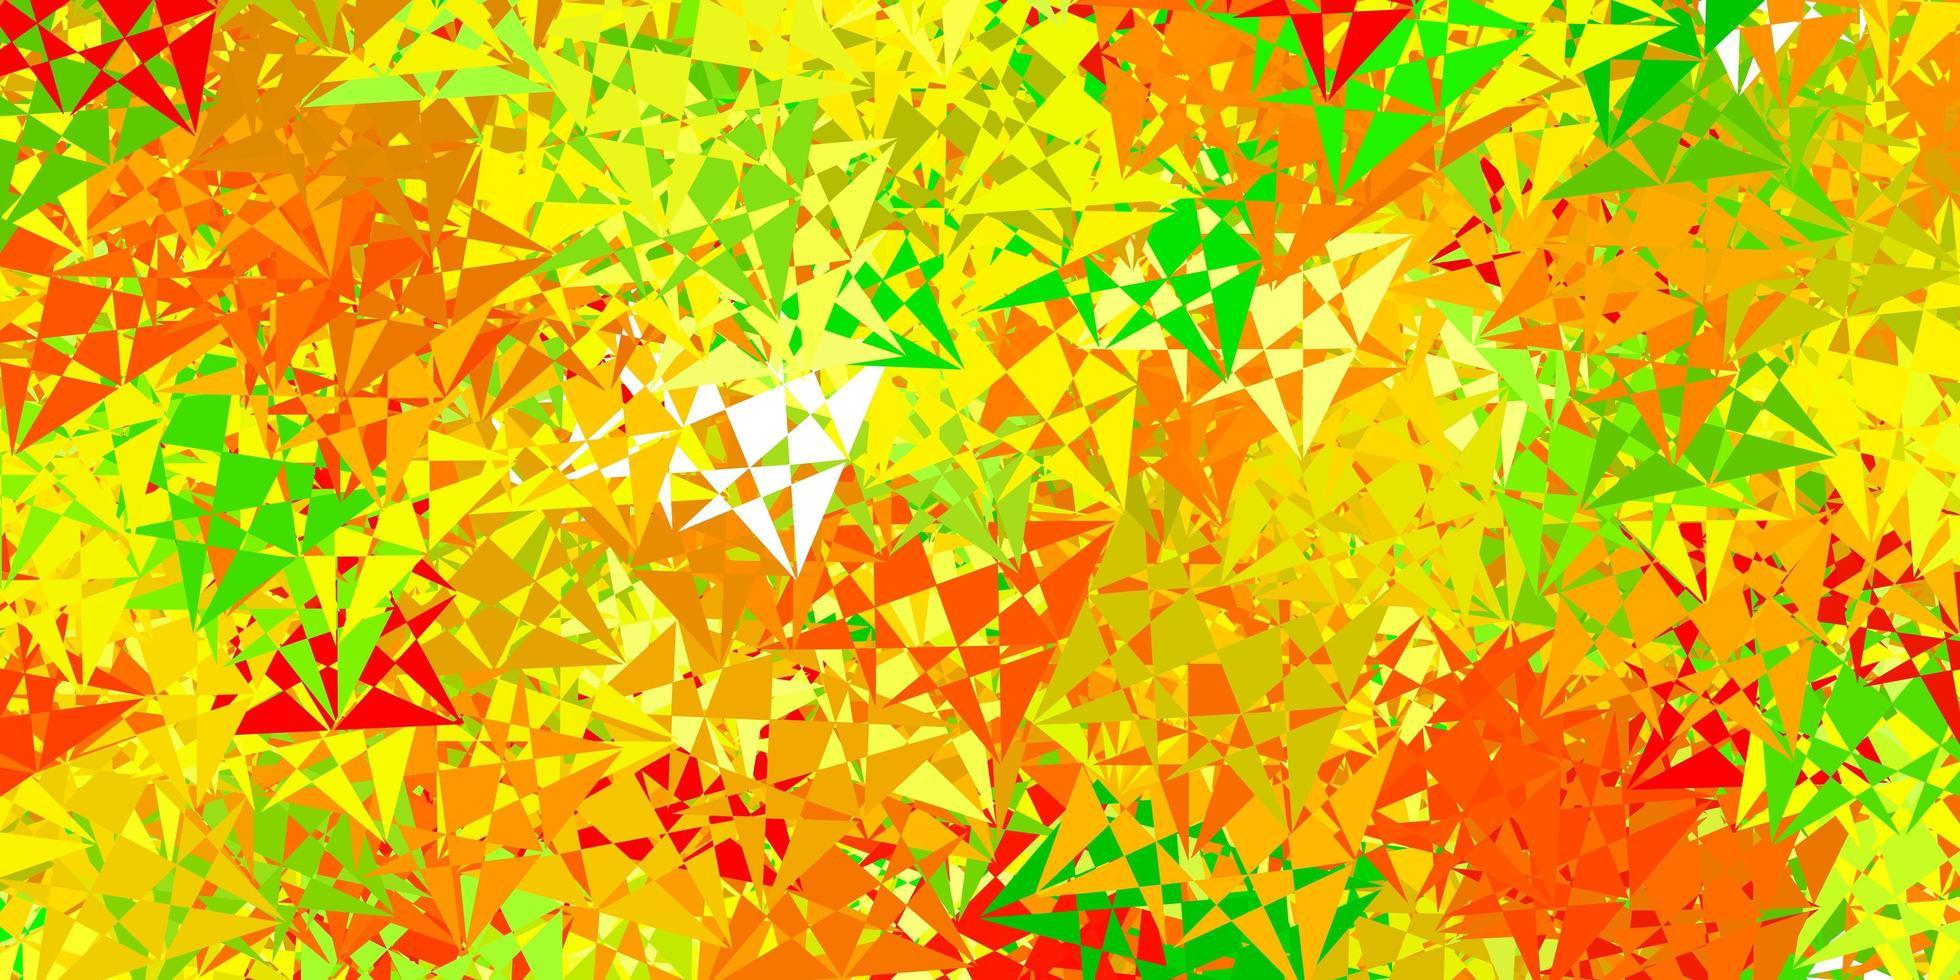 lichtgroene, gele vectorachtergrond met driehoeken, lijnen. vector